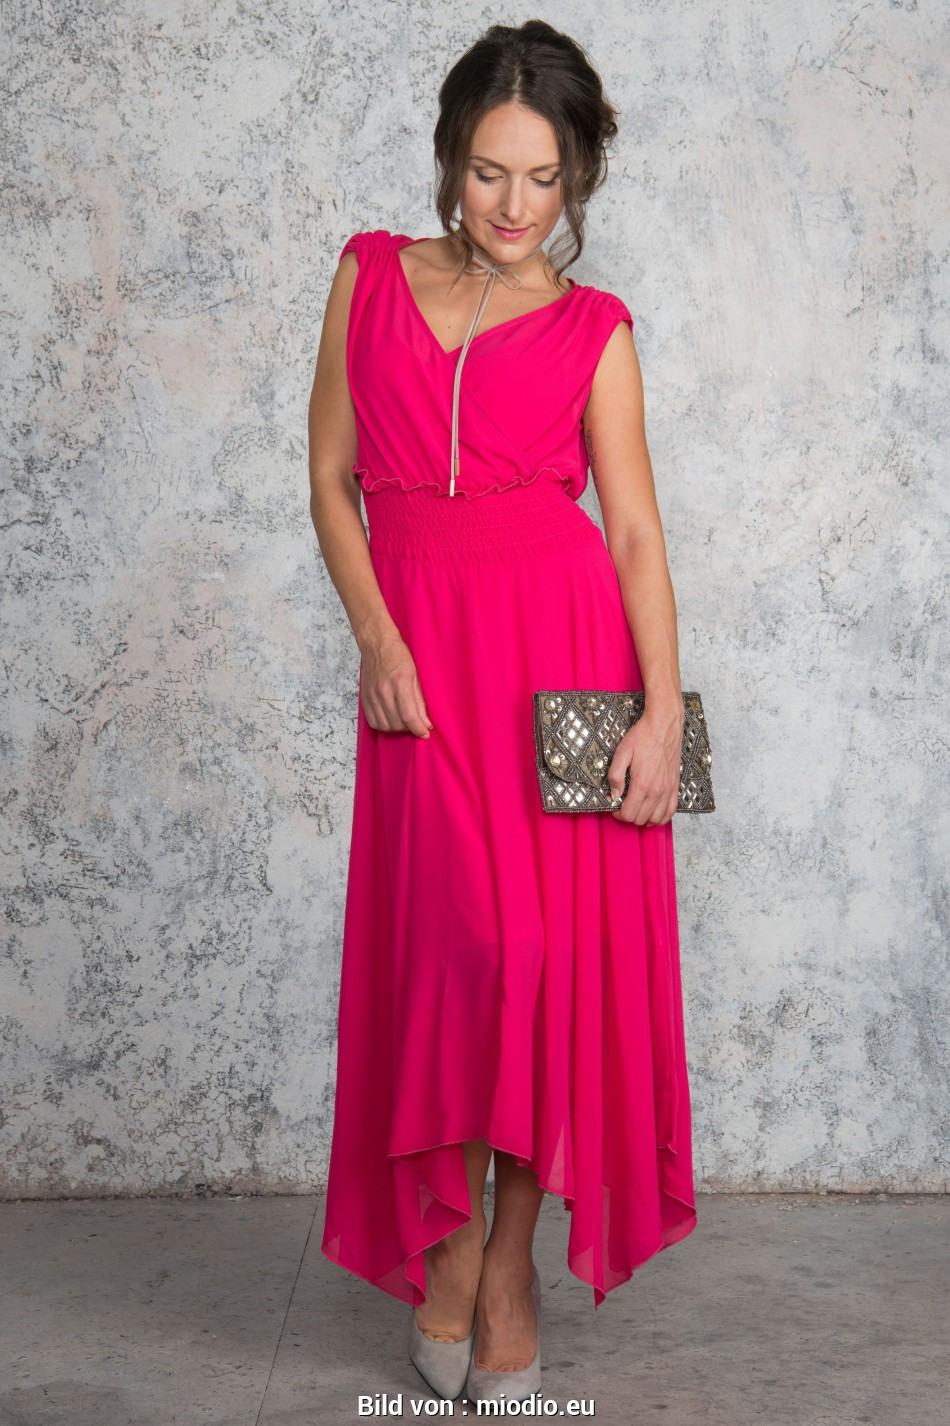 15 Großartig Abend Kleider Shop Design Cool Abend Kleider Shop Stylish